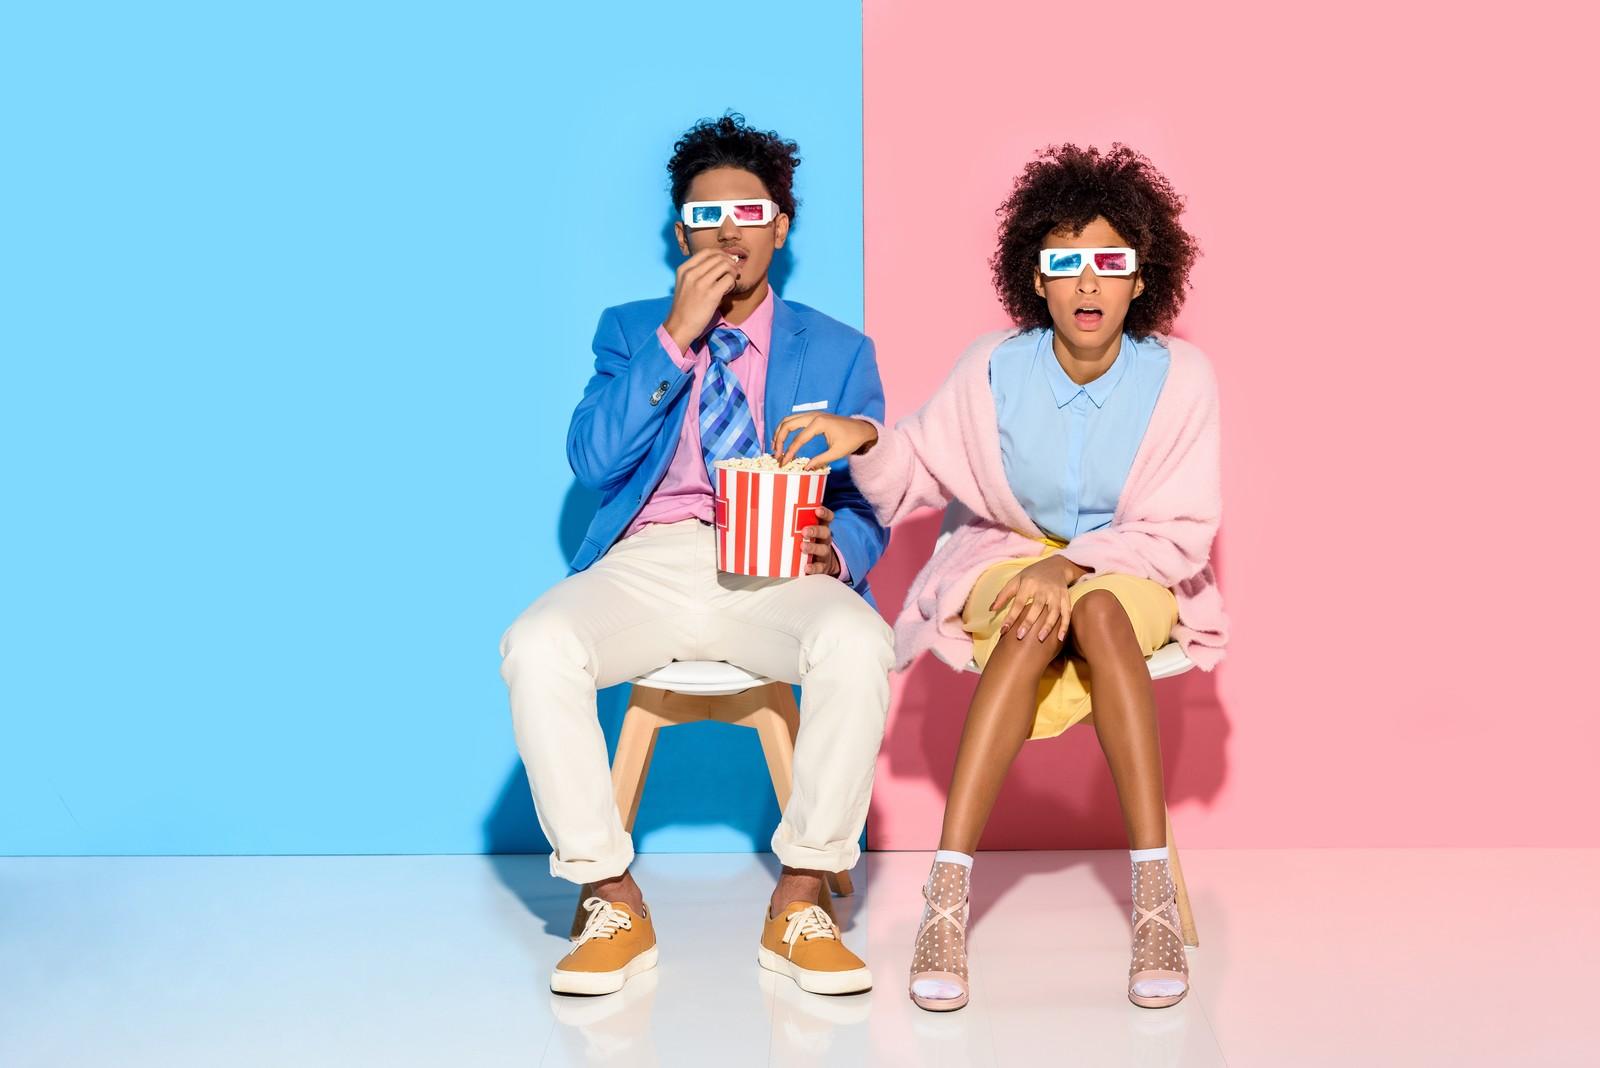 Filmy o modzie, które powinieneś znać. TOP 5